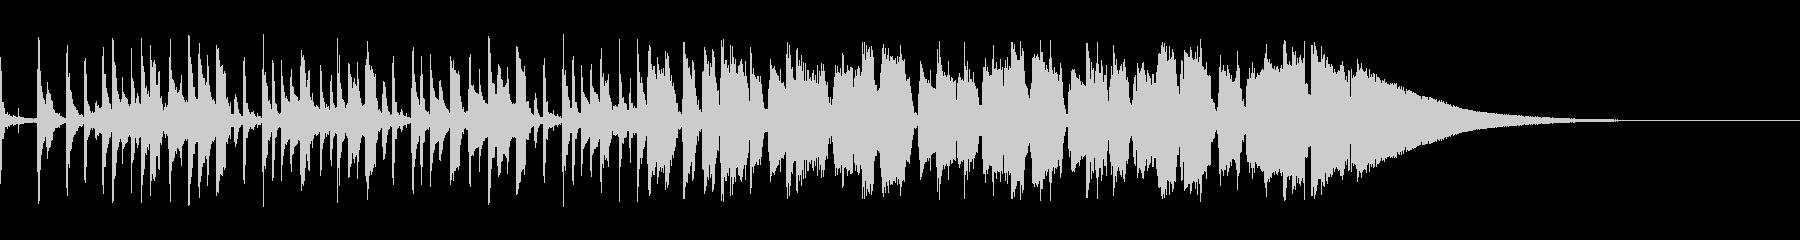 【生音】ピースフルな雰囲気のギターポップの未再生の波形